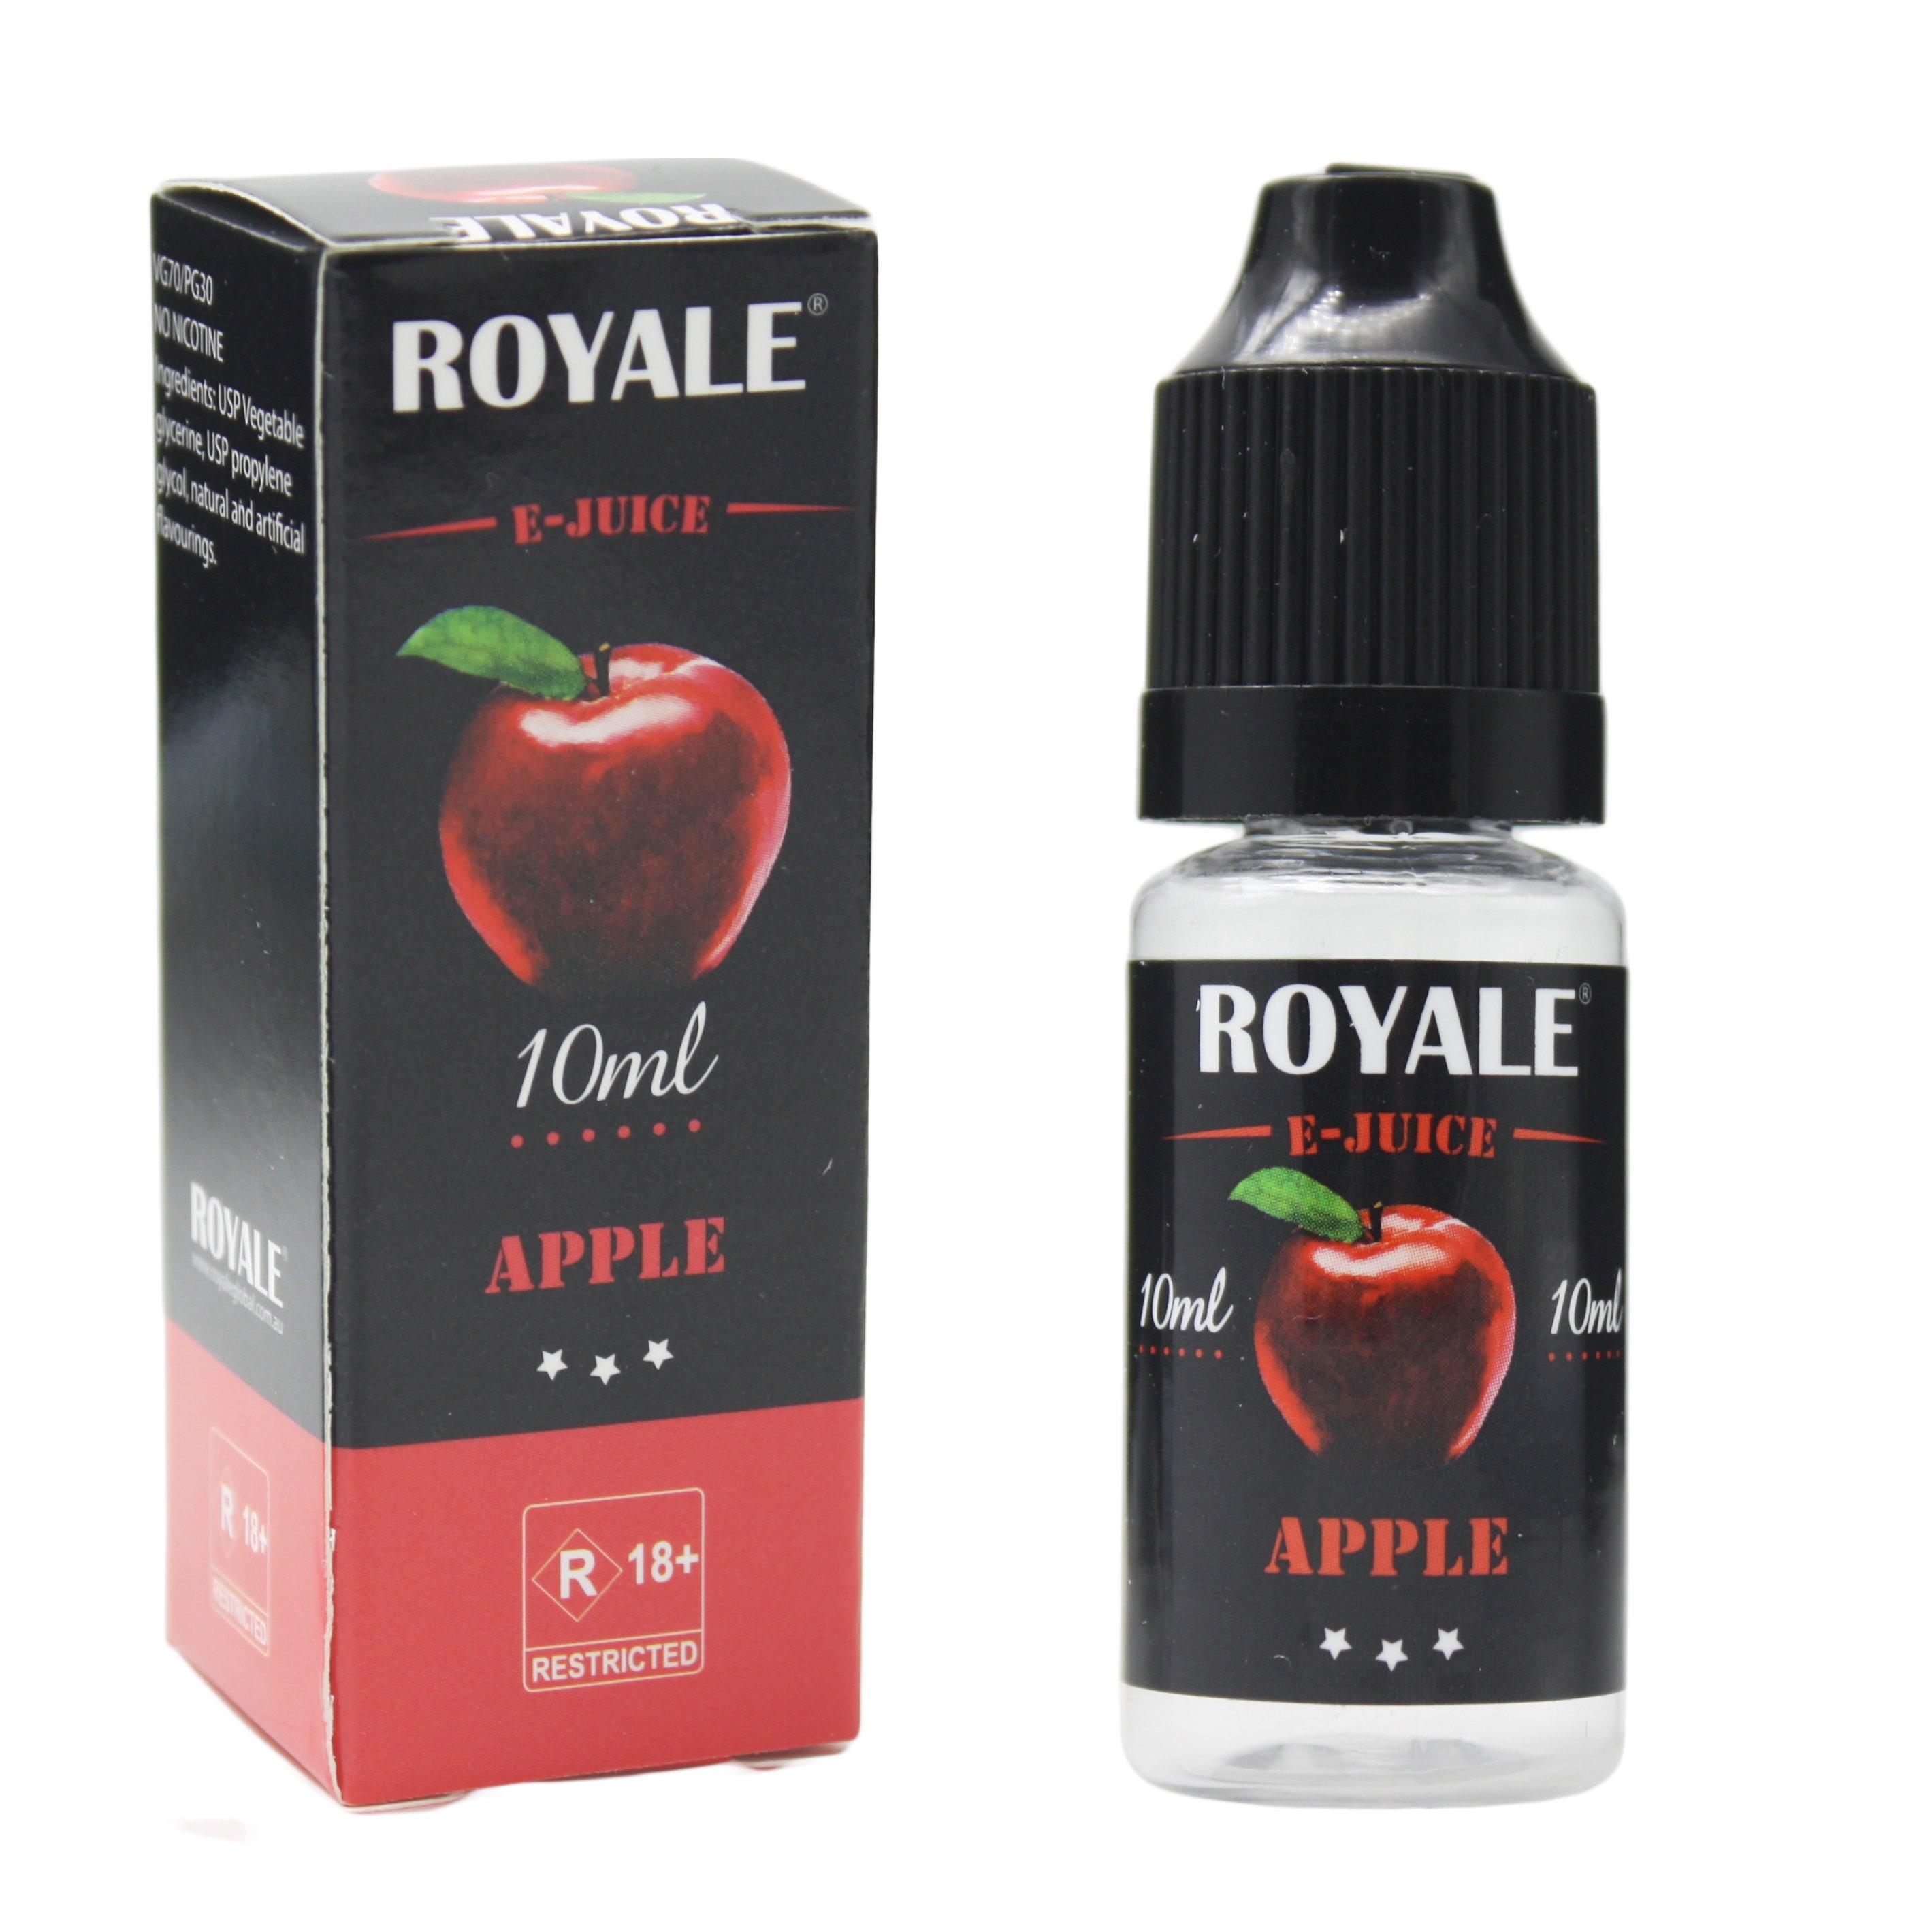 Royale Apple E-Juice